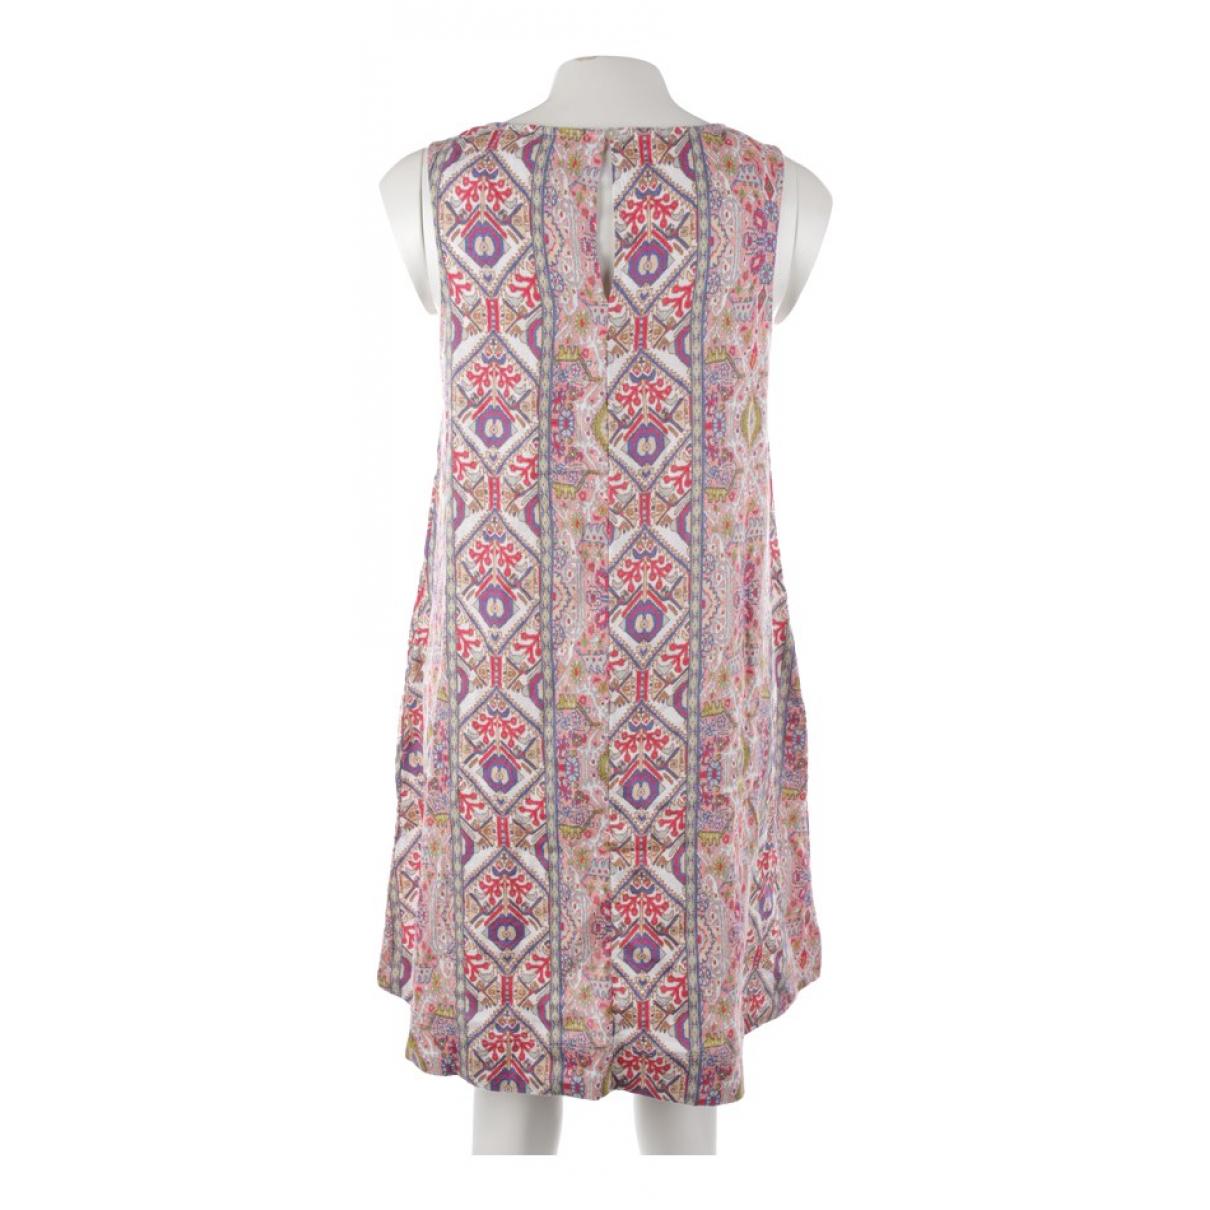 Rachel Zoe \N Kleid in  Bunt Leinen